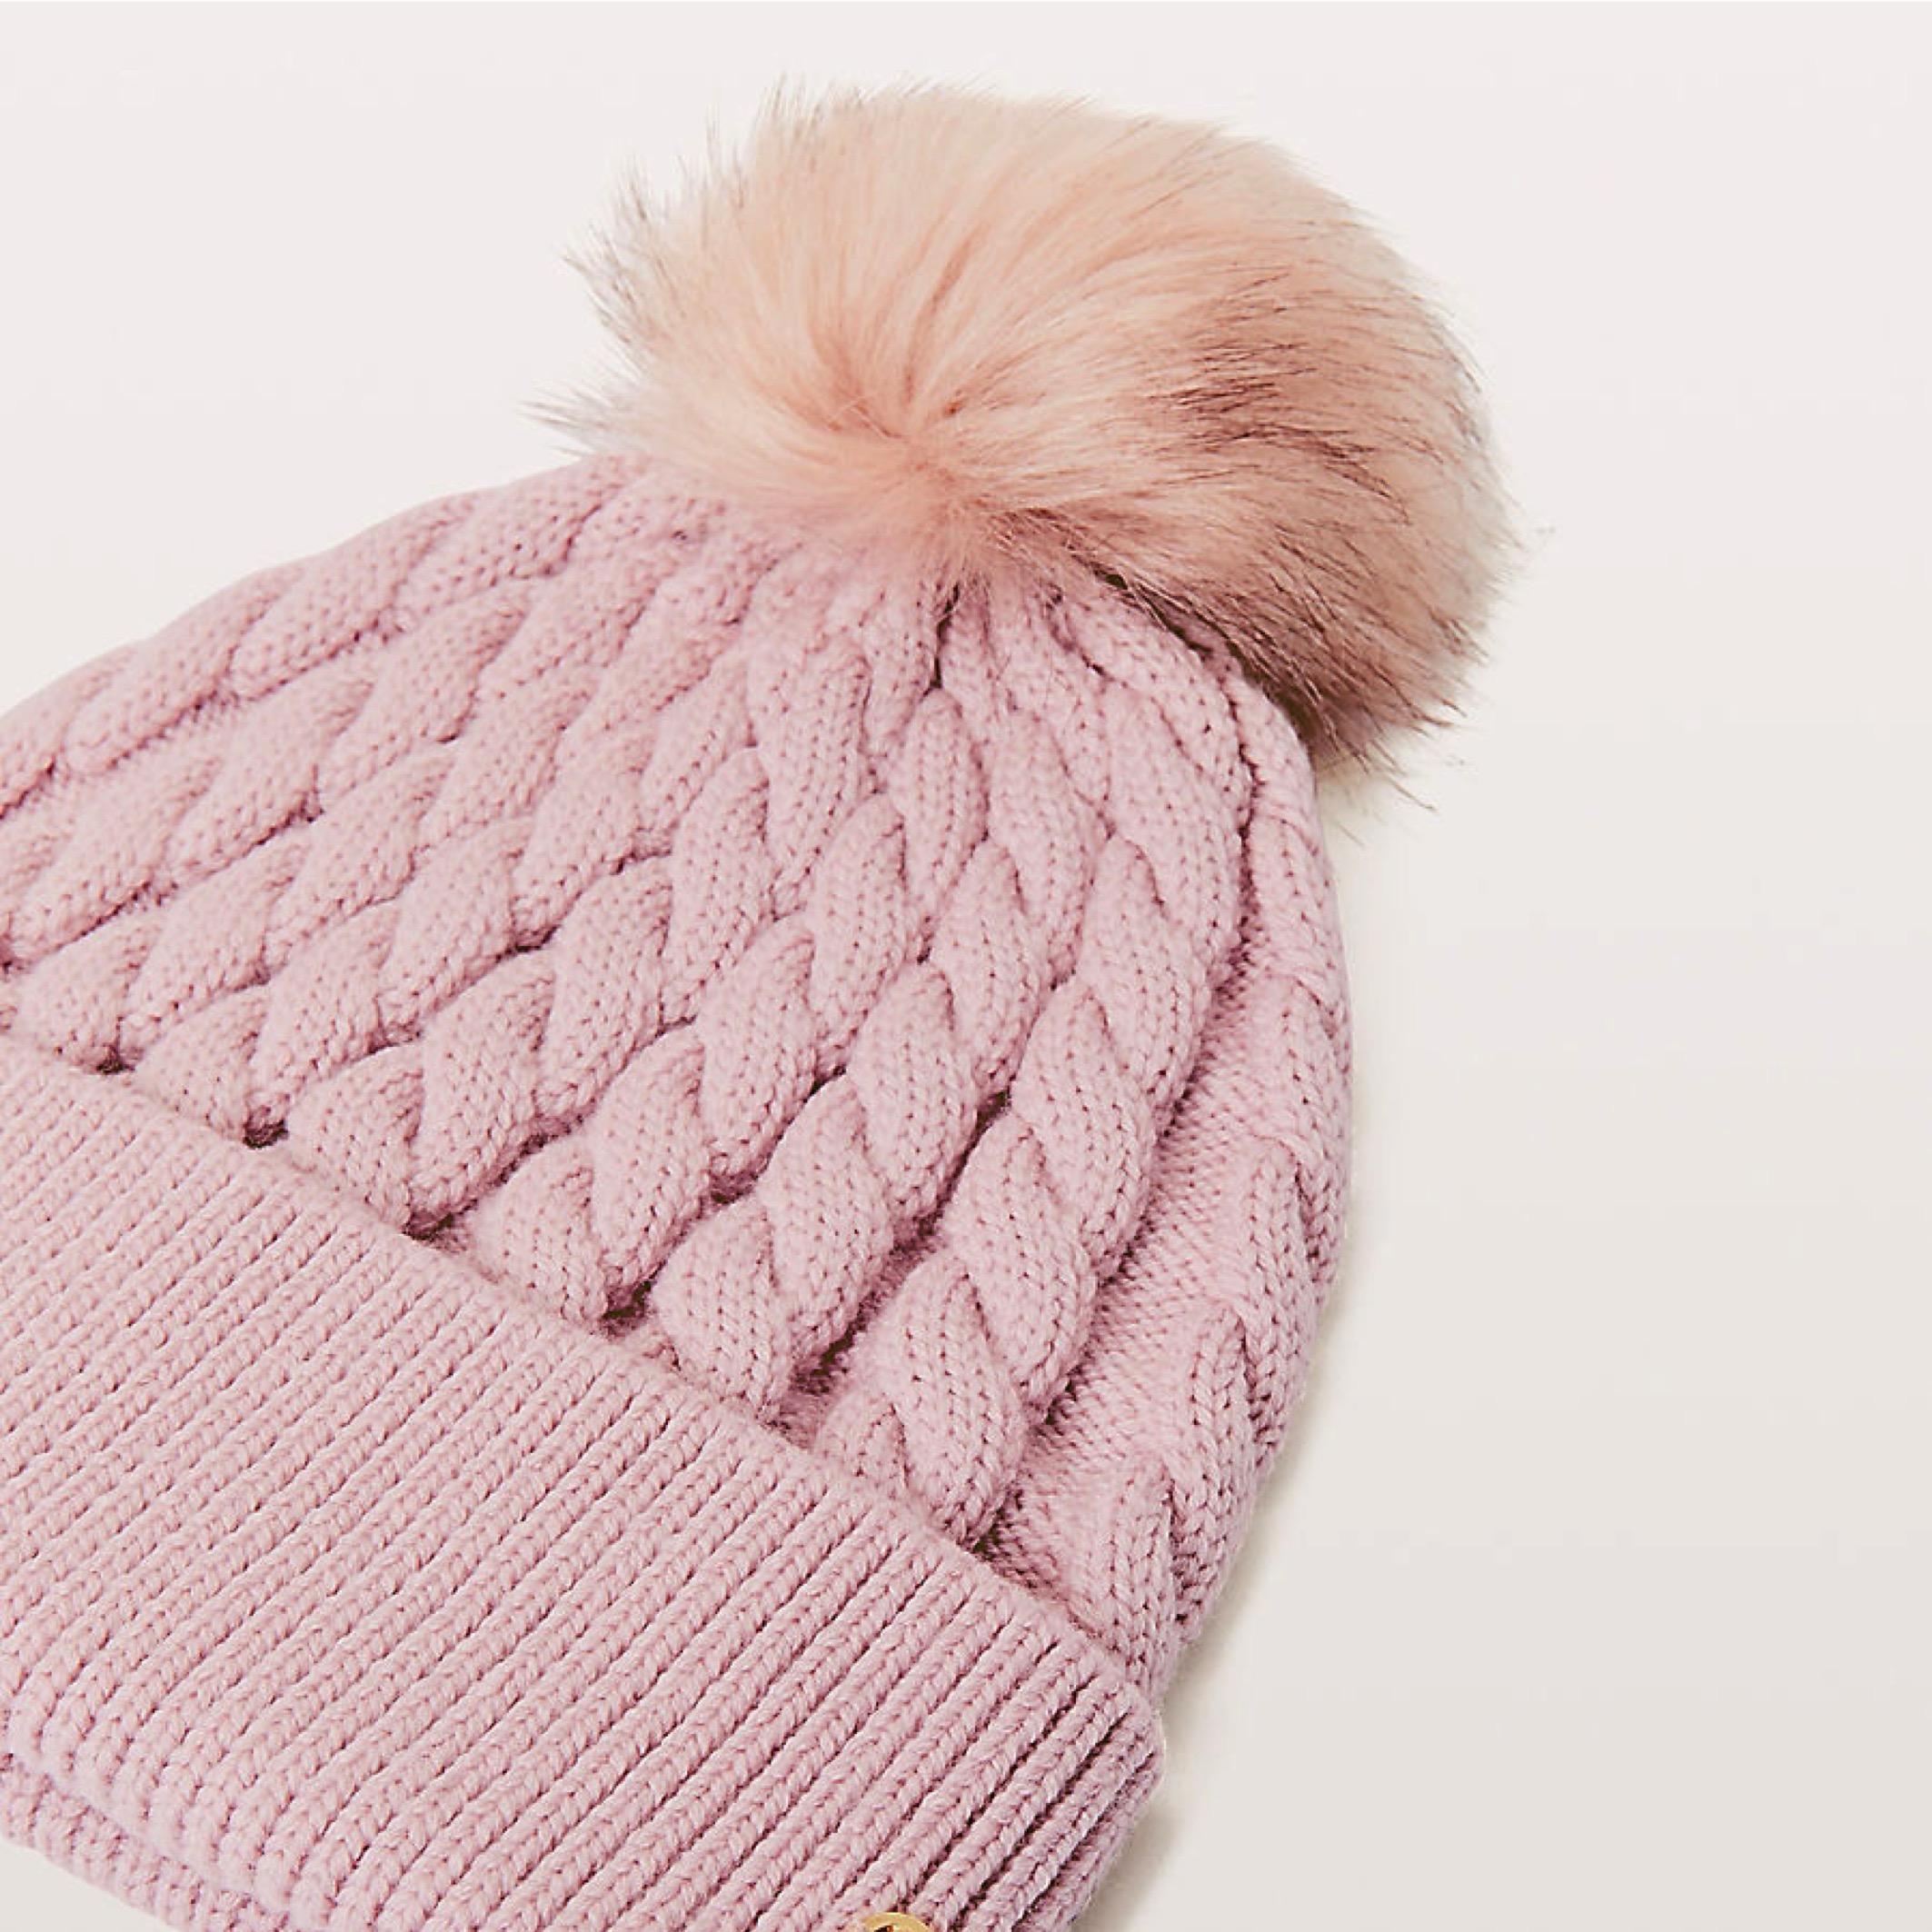 LULULEMON - Wool hat